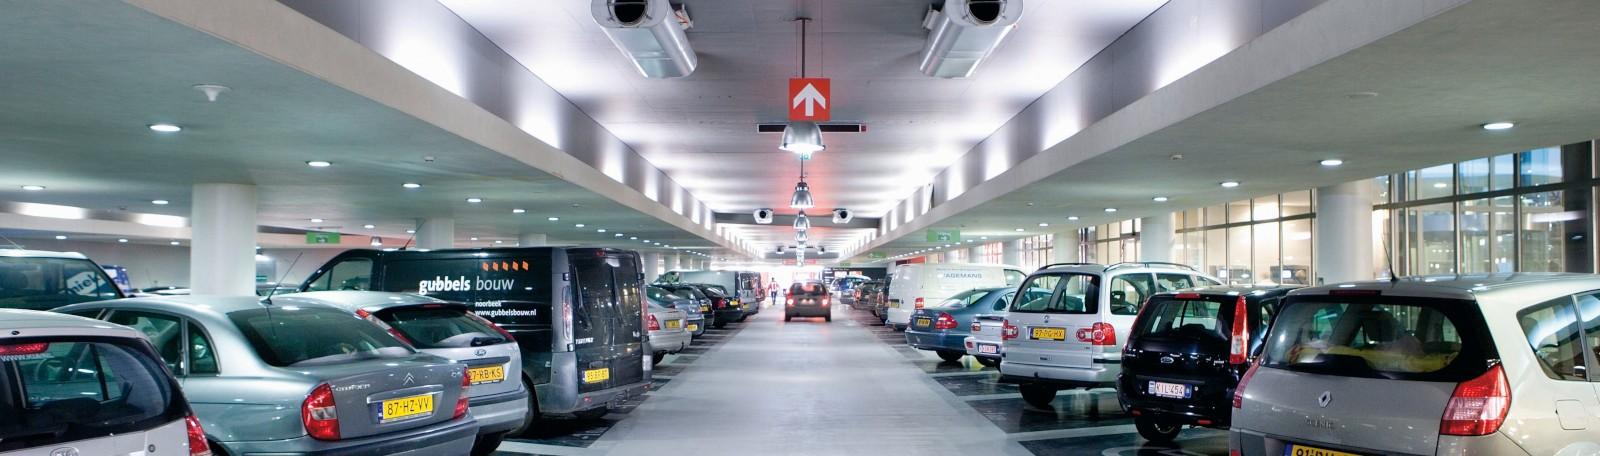 L'éclairage LED : l'audacieux projet de transformation énergétique de Q-Park.